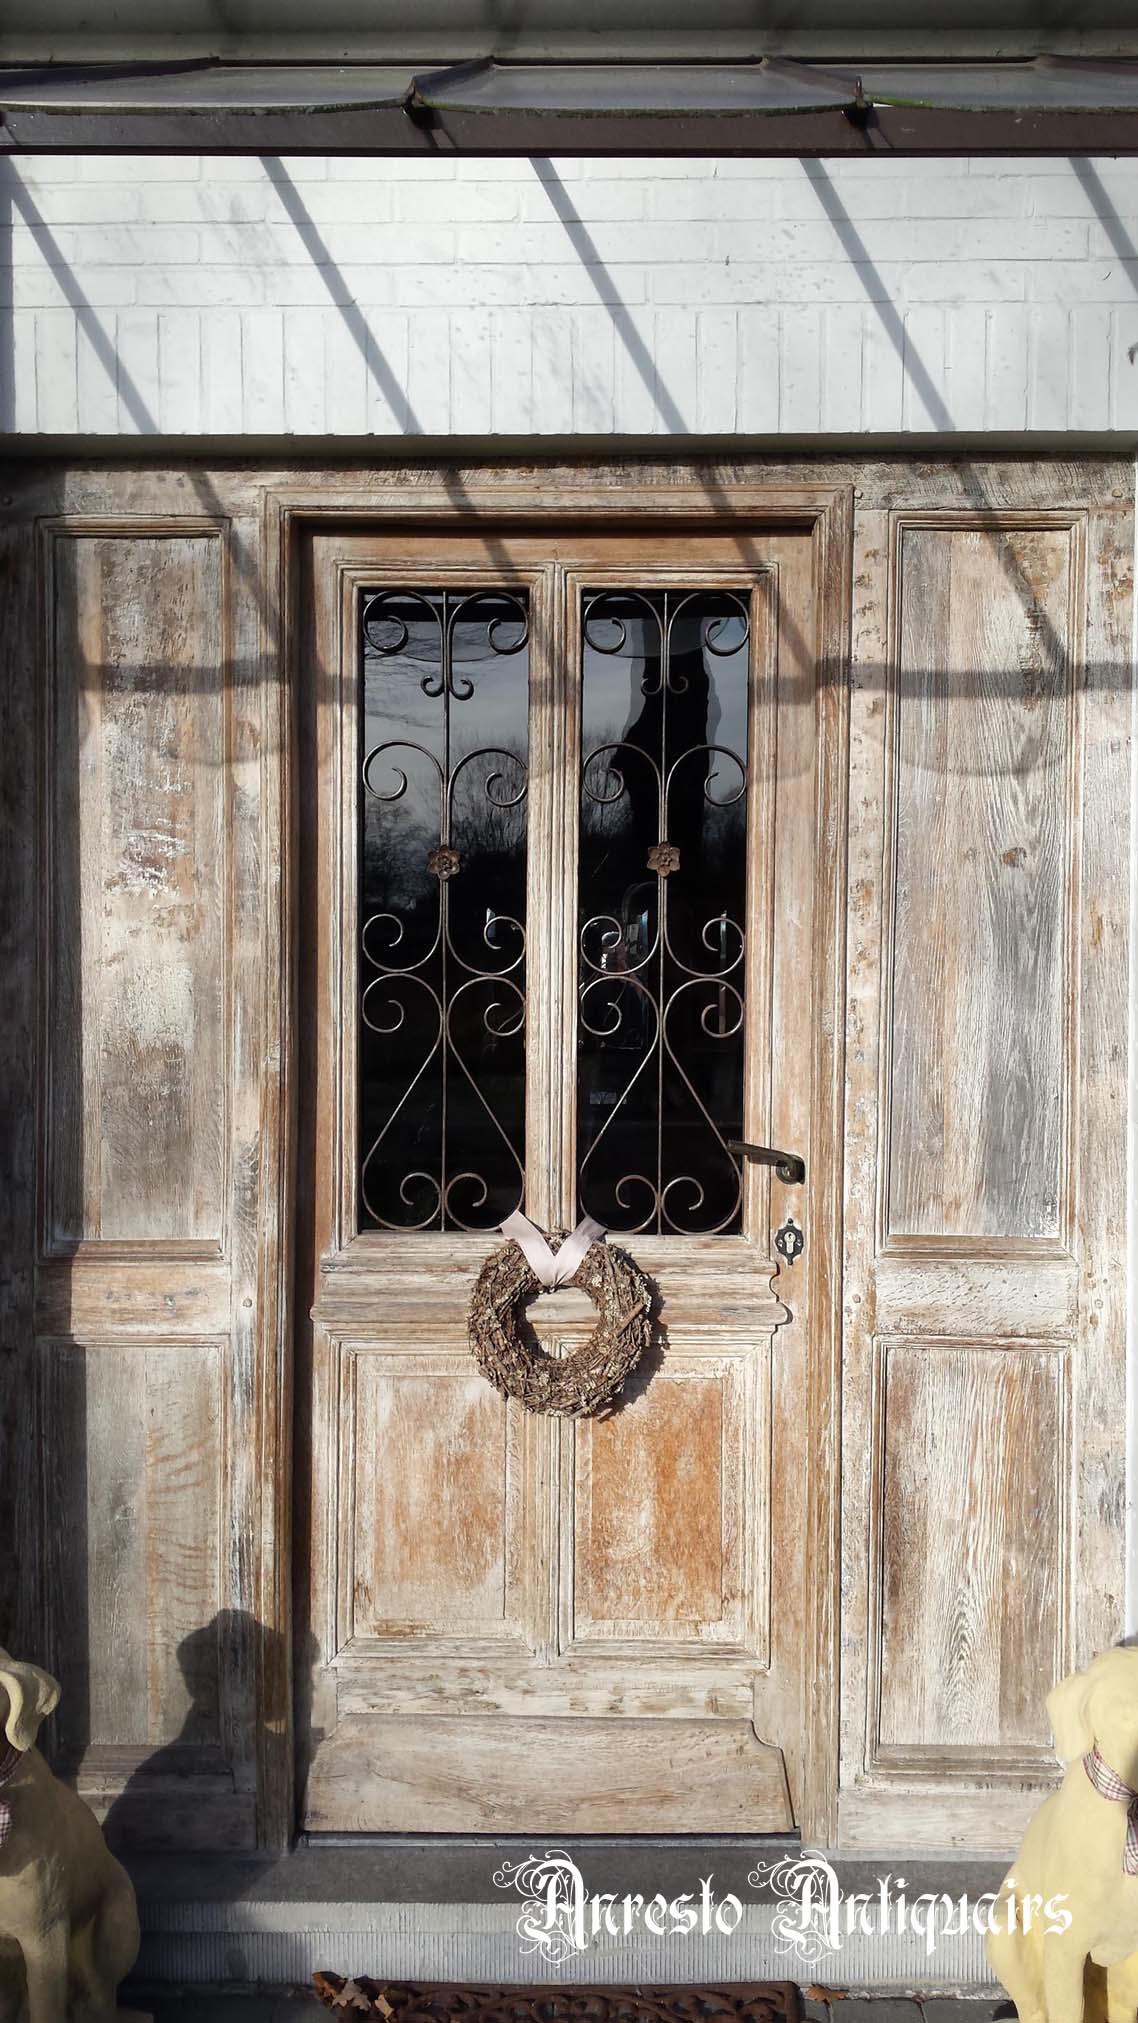 Ref. 44 – Exclusieve deur wordt op uw maat gemaakt met oud hout